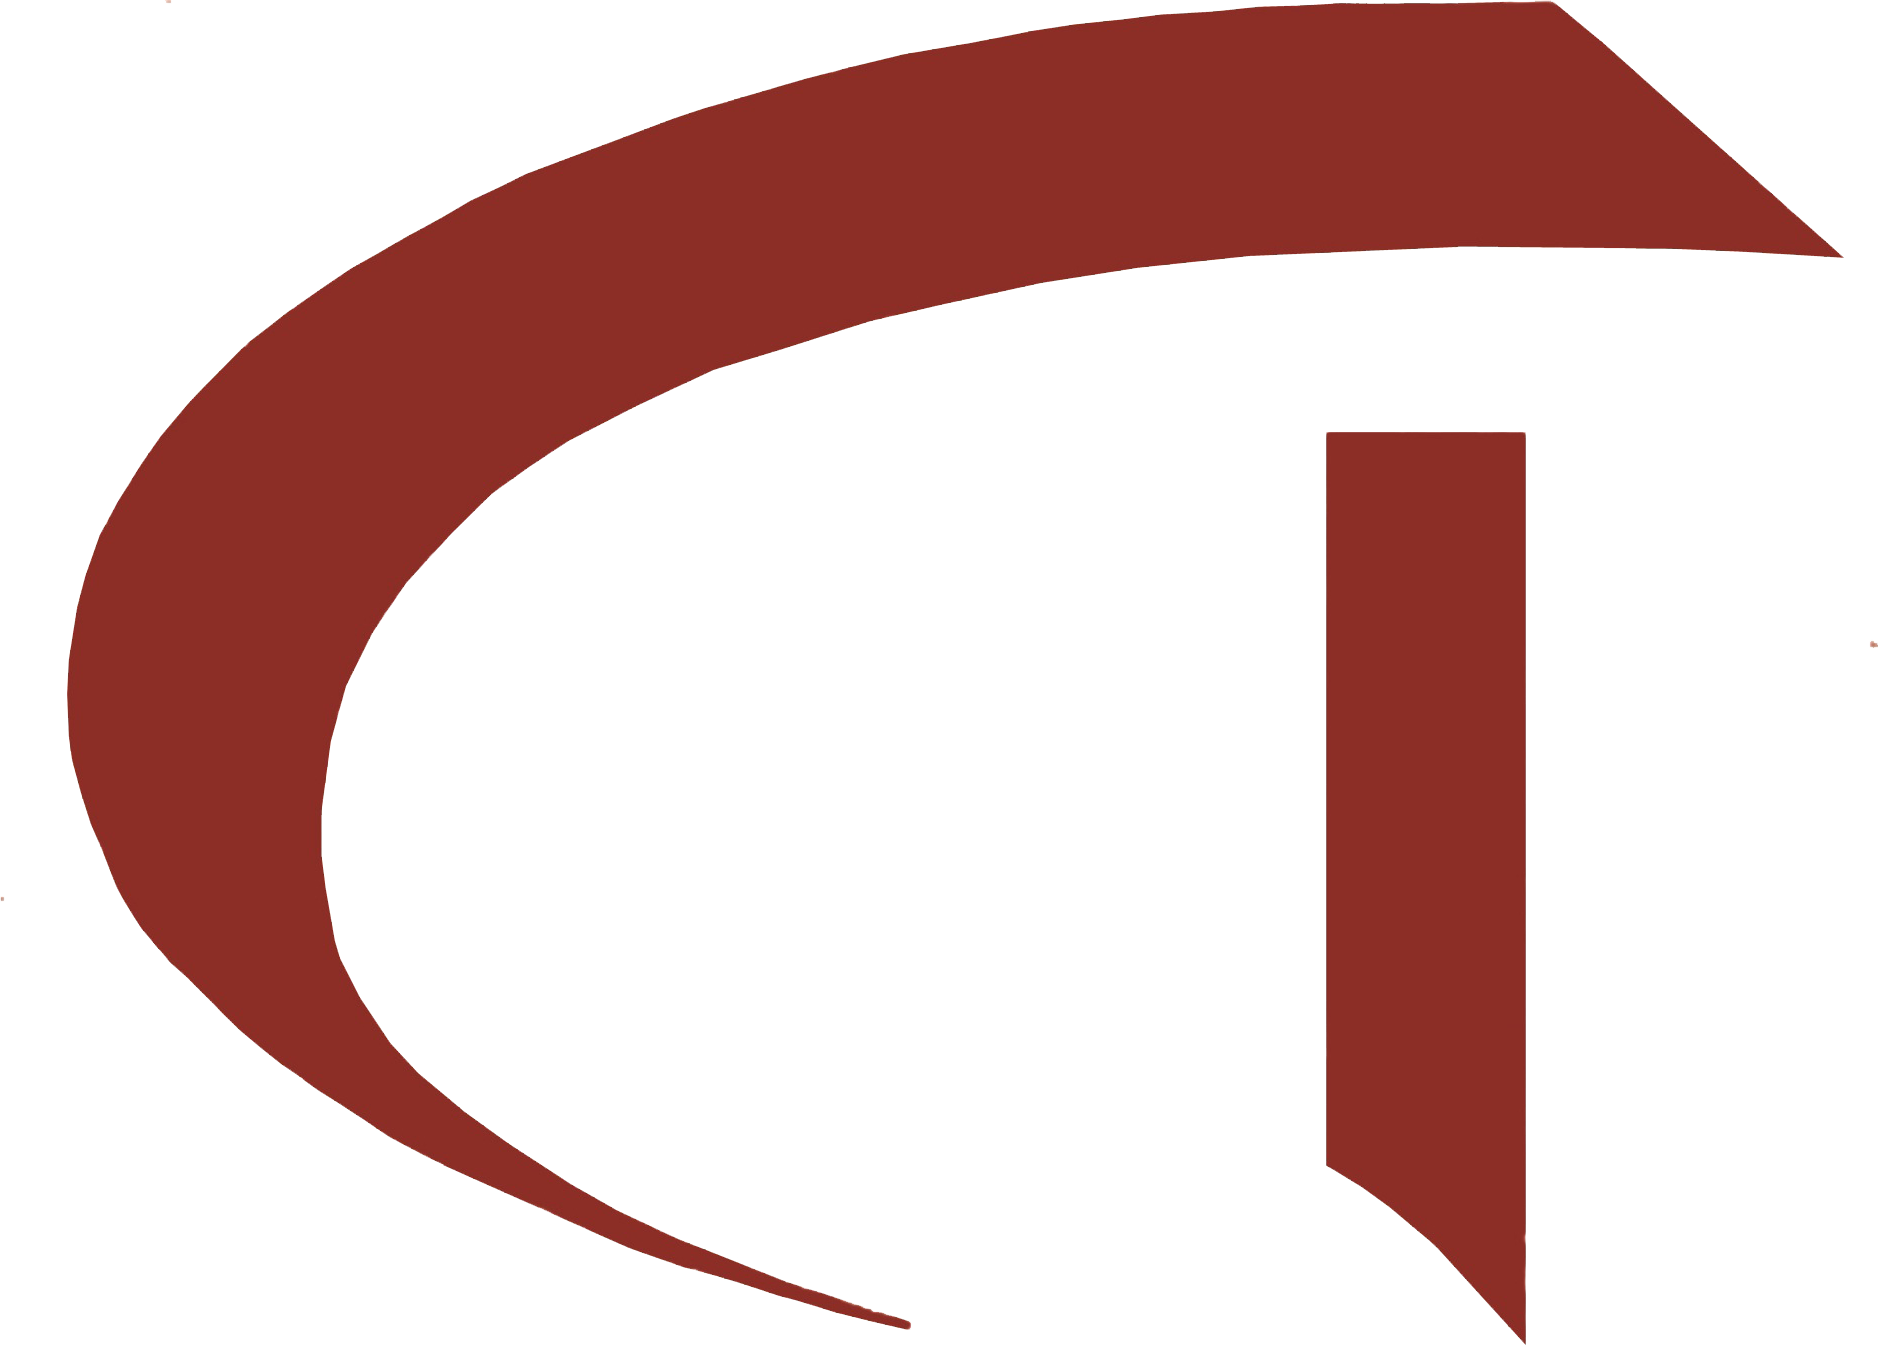 jat logo download